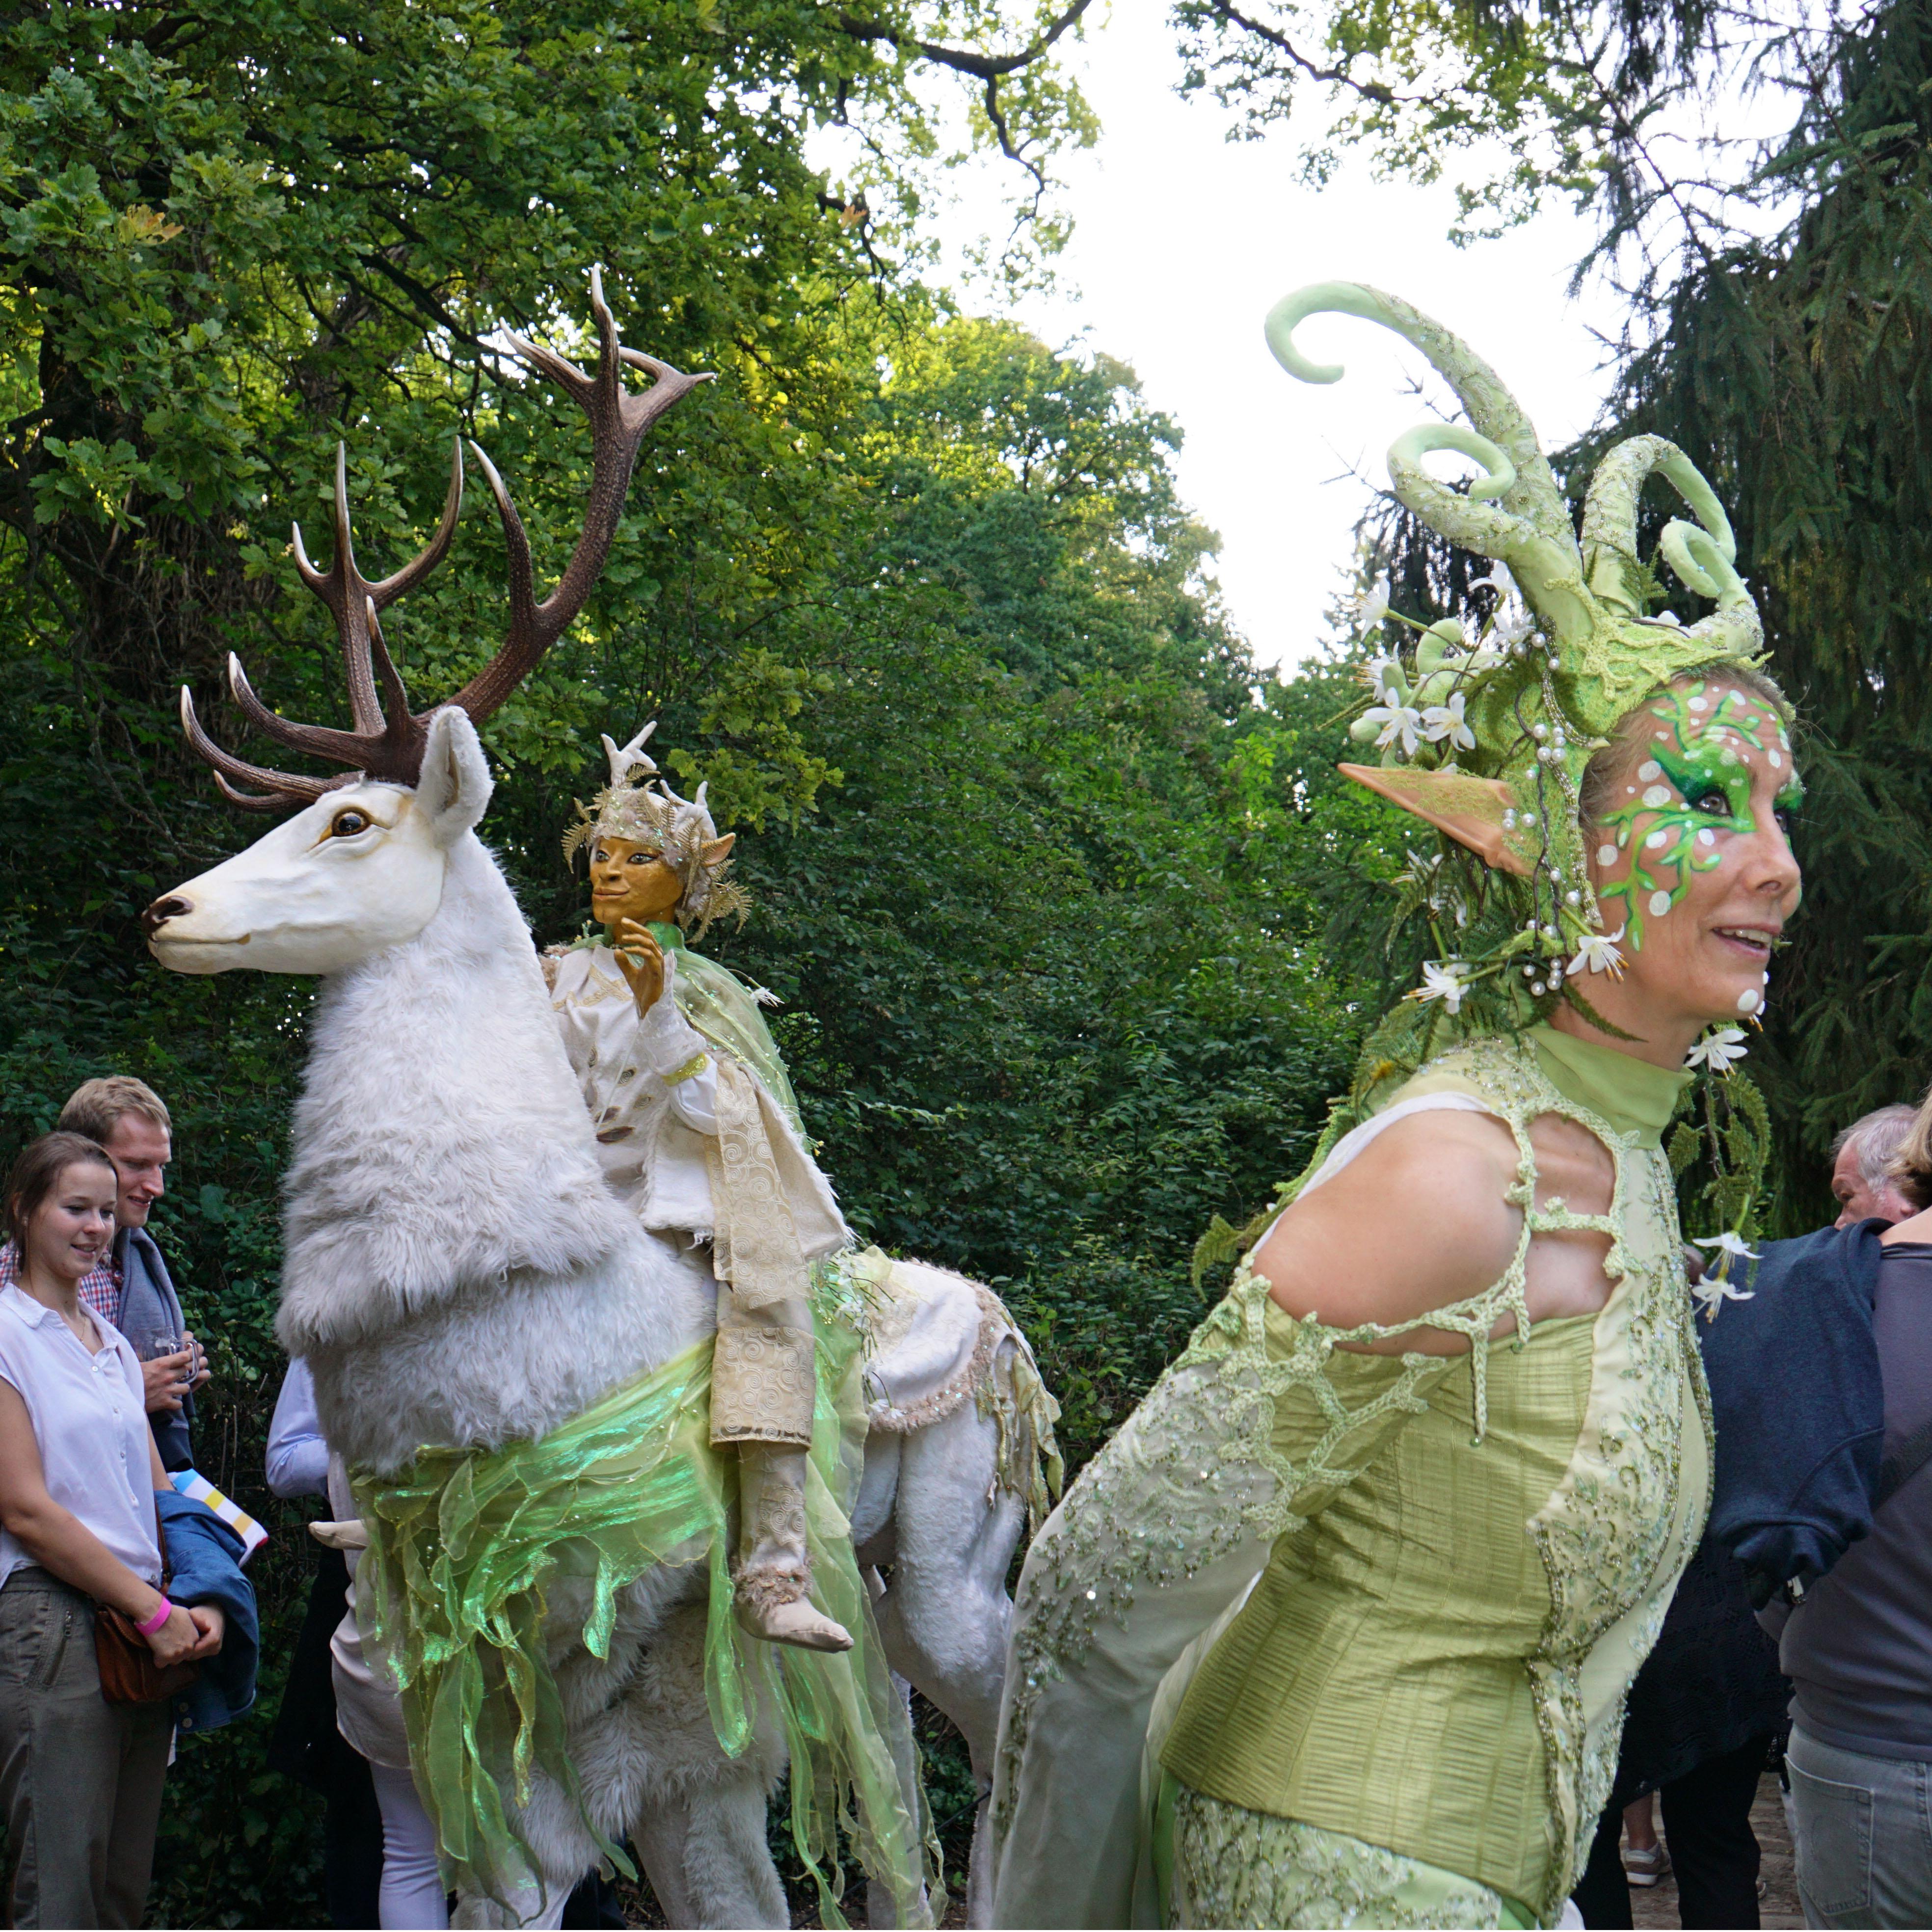 Waldelfe und weißer Hirsch Pantao, Sommernacht am Kaiserdom Königslutter